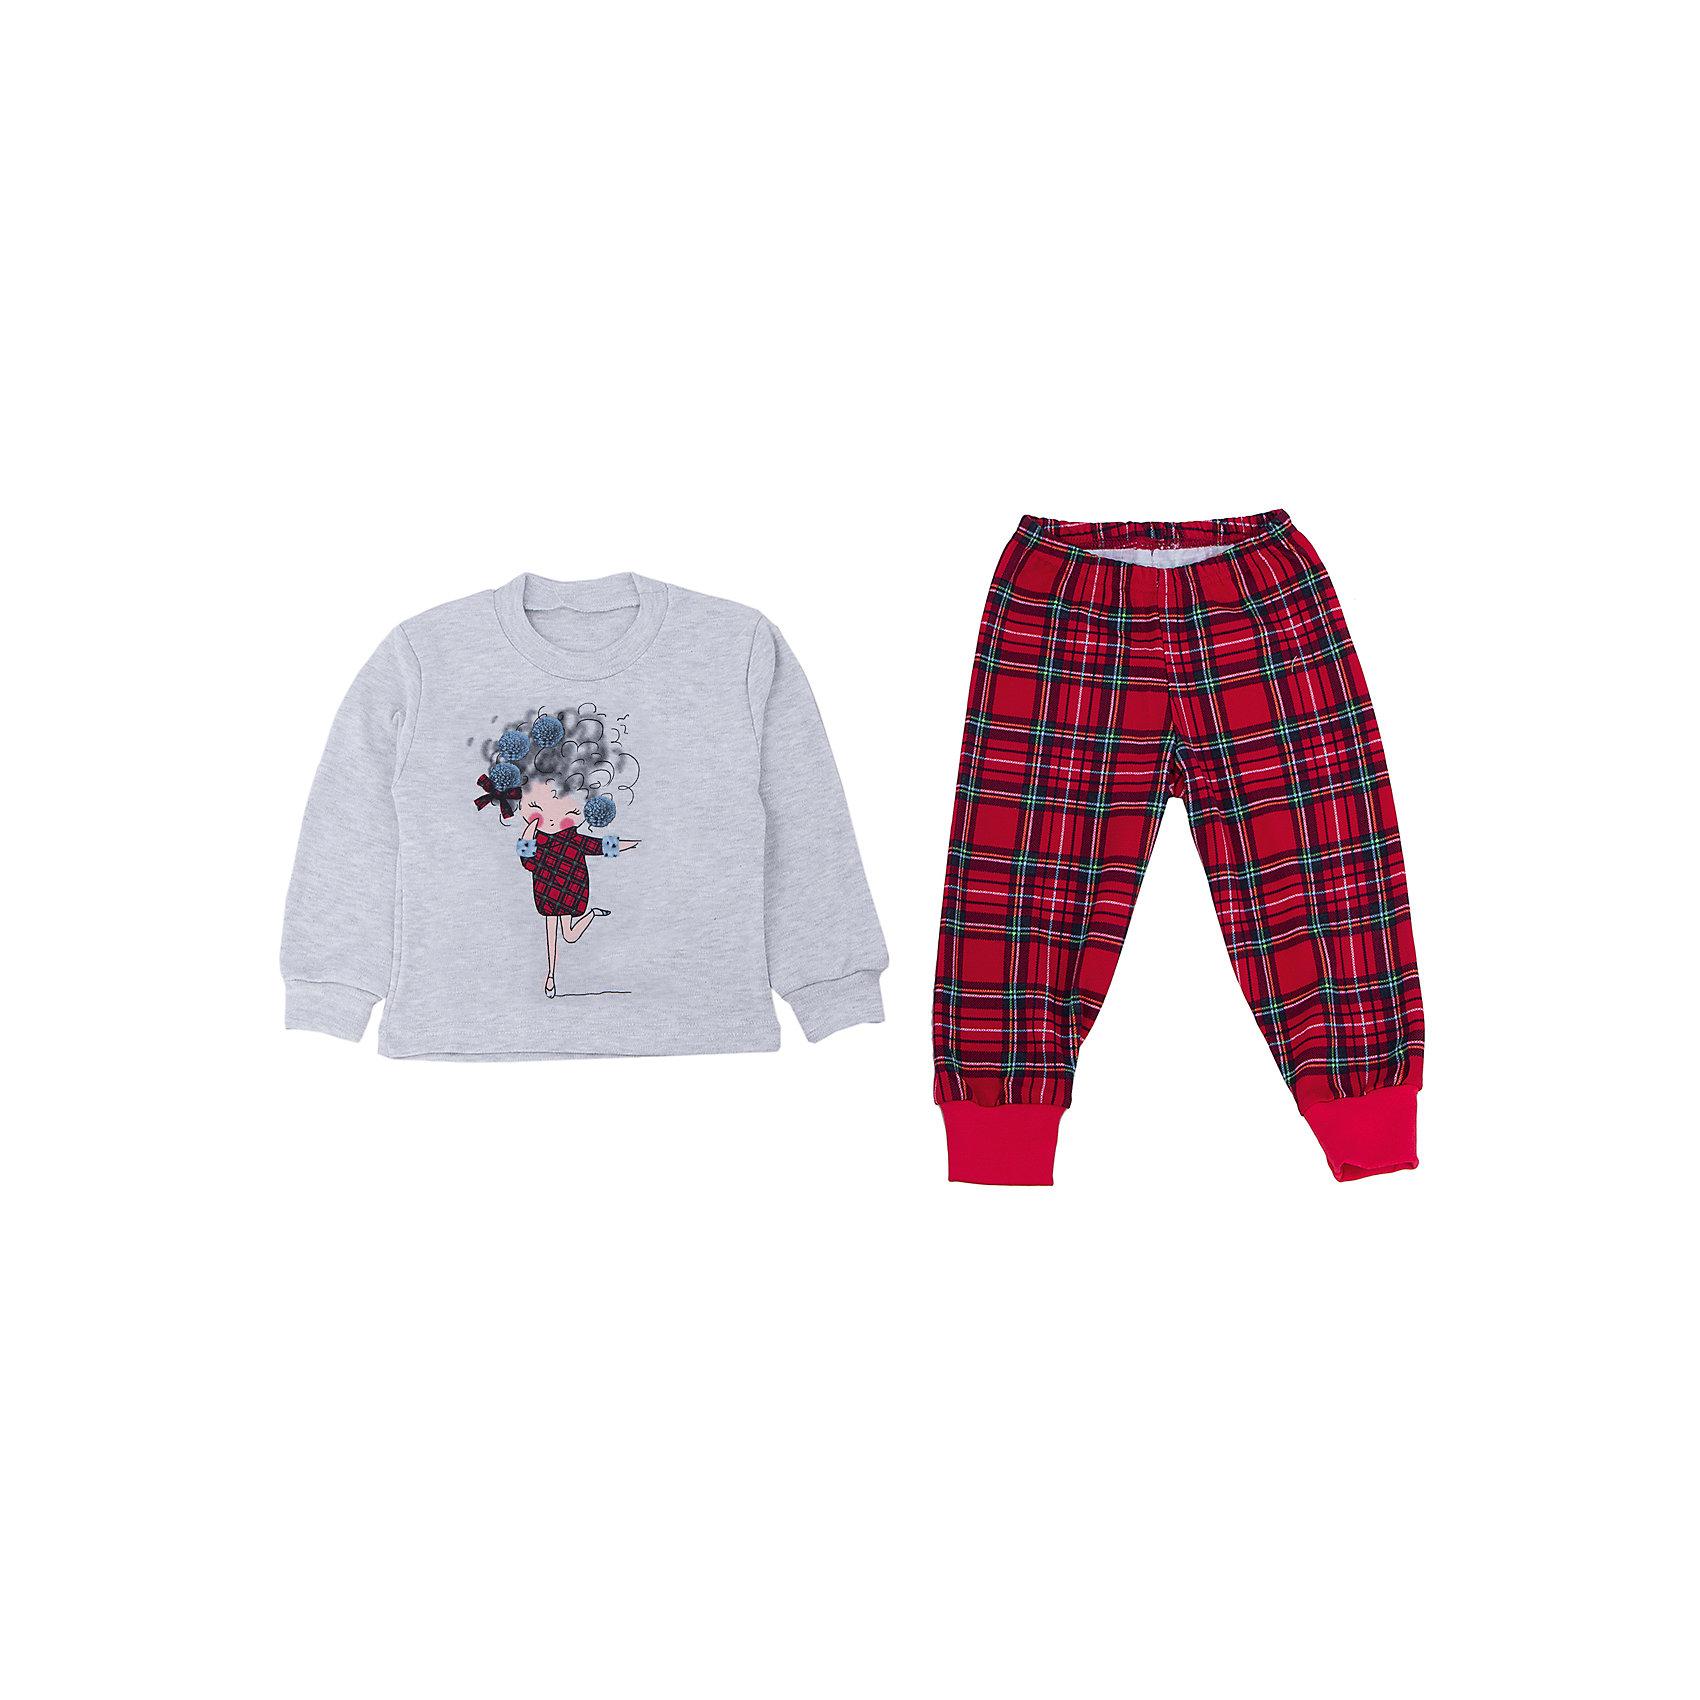 Пижама для девочки АпрельПижамы и сорочки<br>Пижама Апрель.<br><br>Характеристики:<br>• состав: 100% хлопок/70% хлопок, 30% полиэстер<br>• цвет: красный/серый<br>• рисунок: девочка<br><br>Пижама Апрель изготовлена из дышащих материалов, благодаря чему ваш ребенок не вспотеет во время сна. Зауженные манжеты и резинка на поясе не пропустят холодный воздух. Яркая расцветка нижней части пижамы отлично сочетается с верхом серого цвета, с красными вставками. Эта пижама подарит ребенку комфорт и самые яркие сны!<br><br>Пижаму Апрель вы можете приобрести в нашем интернет-магазине.<br><br>Ширина мм: 281<br>Глубина мм: 70<br>Высота мм: 188<br>Вес г: 295<br>Цвет: красный/серый<br>Возраст от месяцев: 24<br>Возраст до месяцев: 36<br>Пол: Женский<br>Возраст: Детский<br>Размер: 128,92,104,110,116,122,98<br>SKU: 4936920